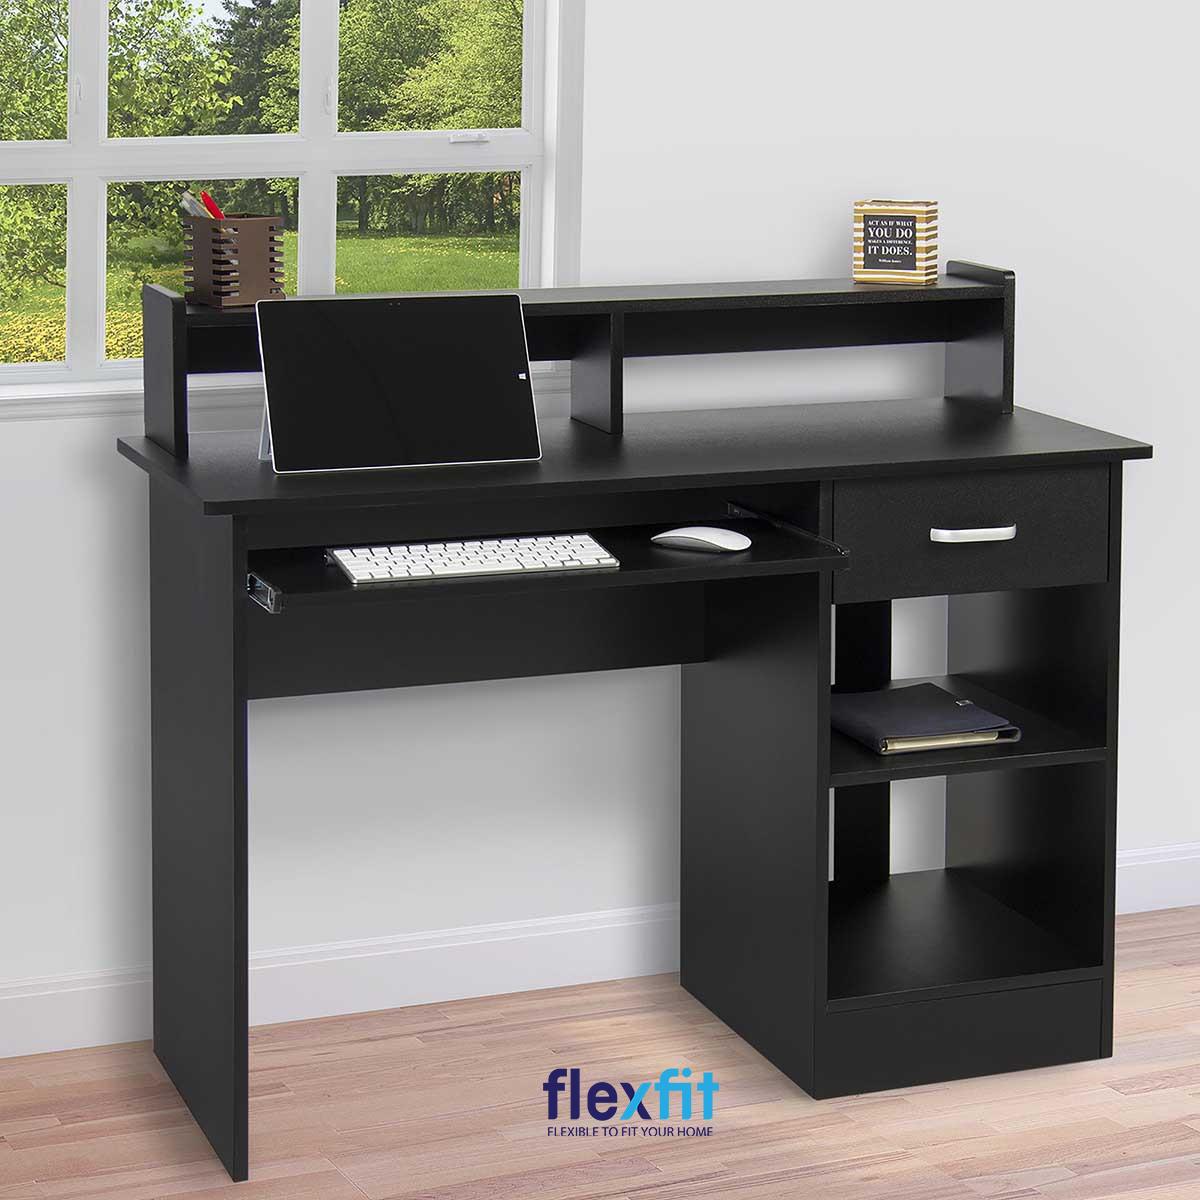 Mẫu bàn làm việc đen cuốn hút sở hữu thiết kế vô cùng ấn tượng với kệ liền trên bàn cùng tủ đựng cạnh bên. Đặc biệt, bàn còn có không gian để đặt bàn phím dưới bàn rất phù hợp với máy tính sử dụng bàn phím rời.